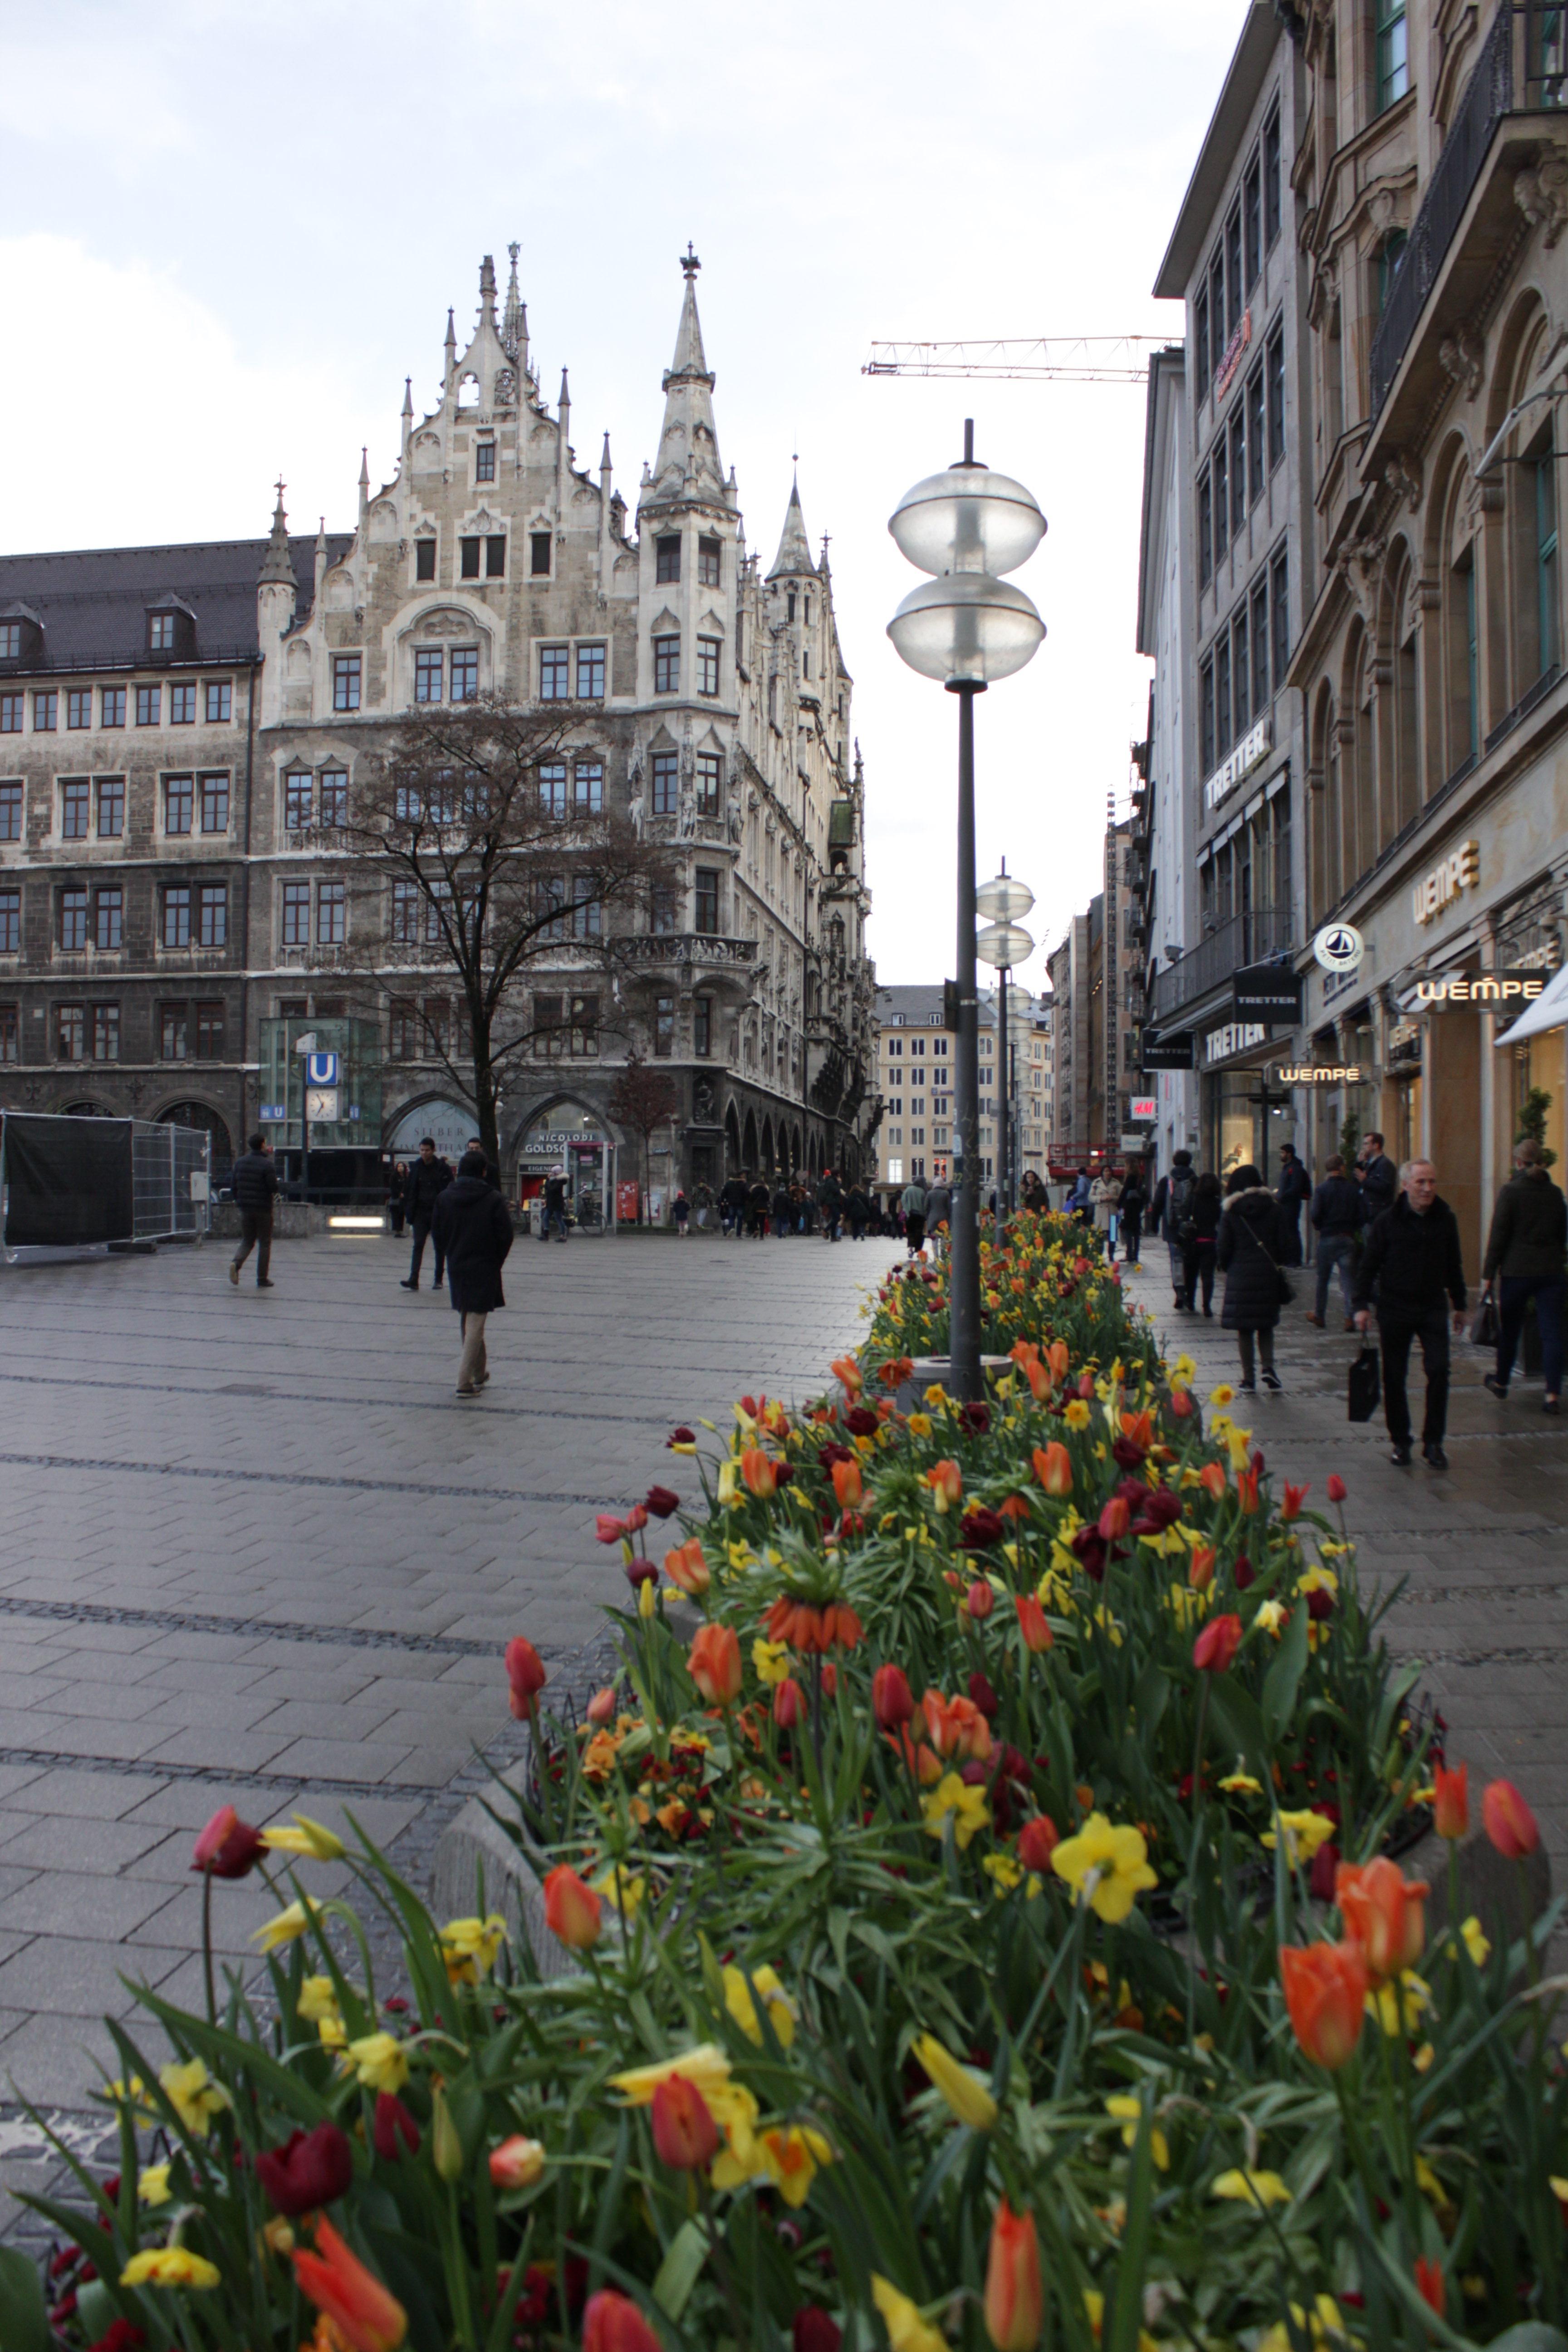 Blooming tulips near Marienplatz